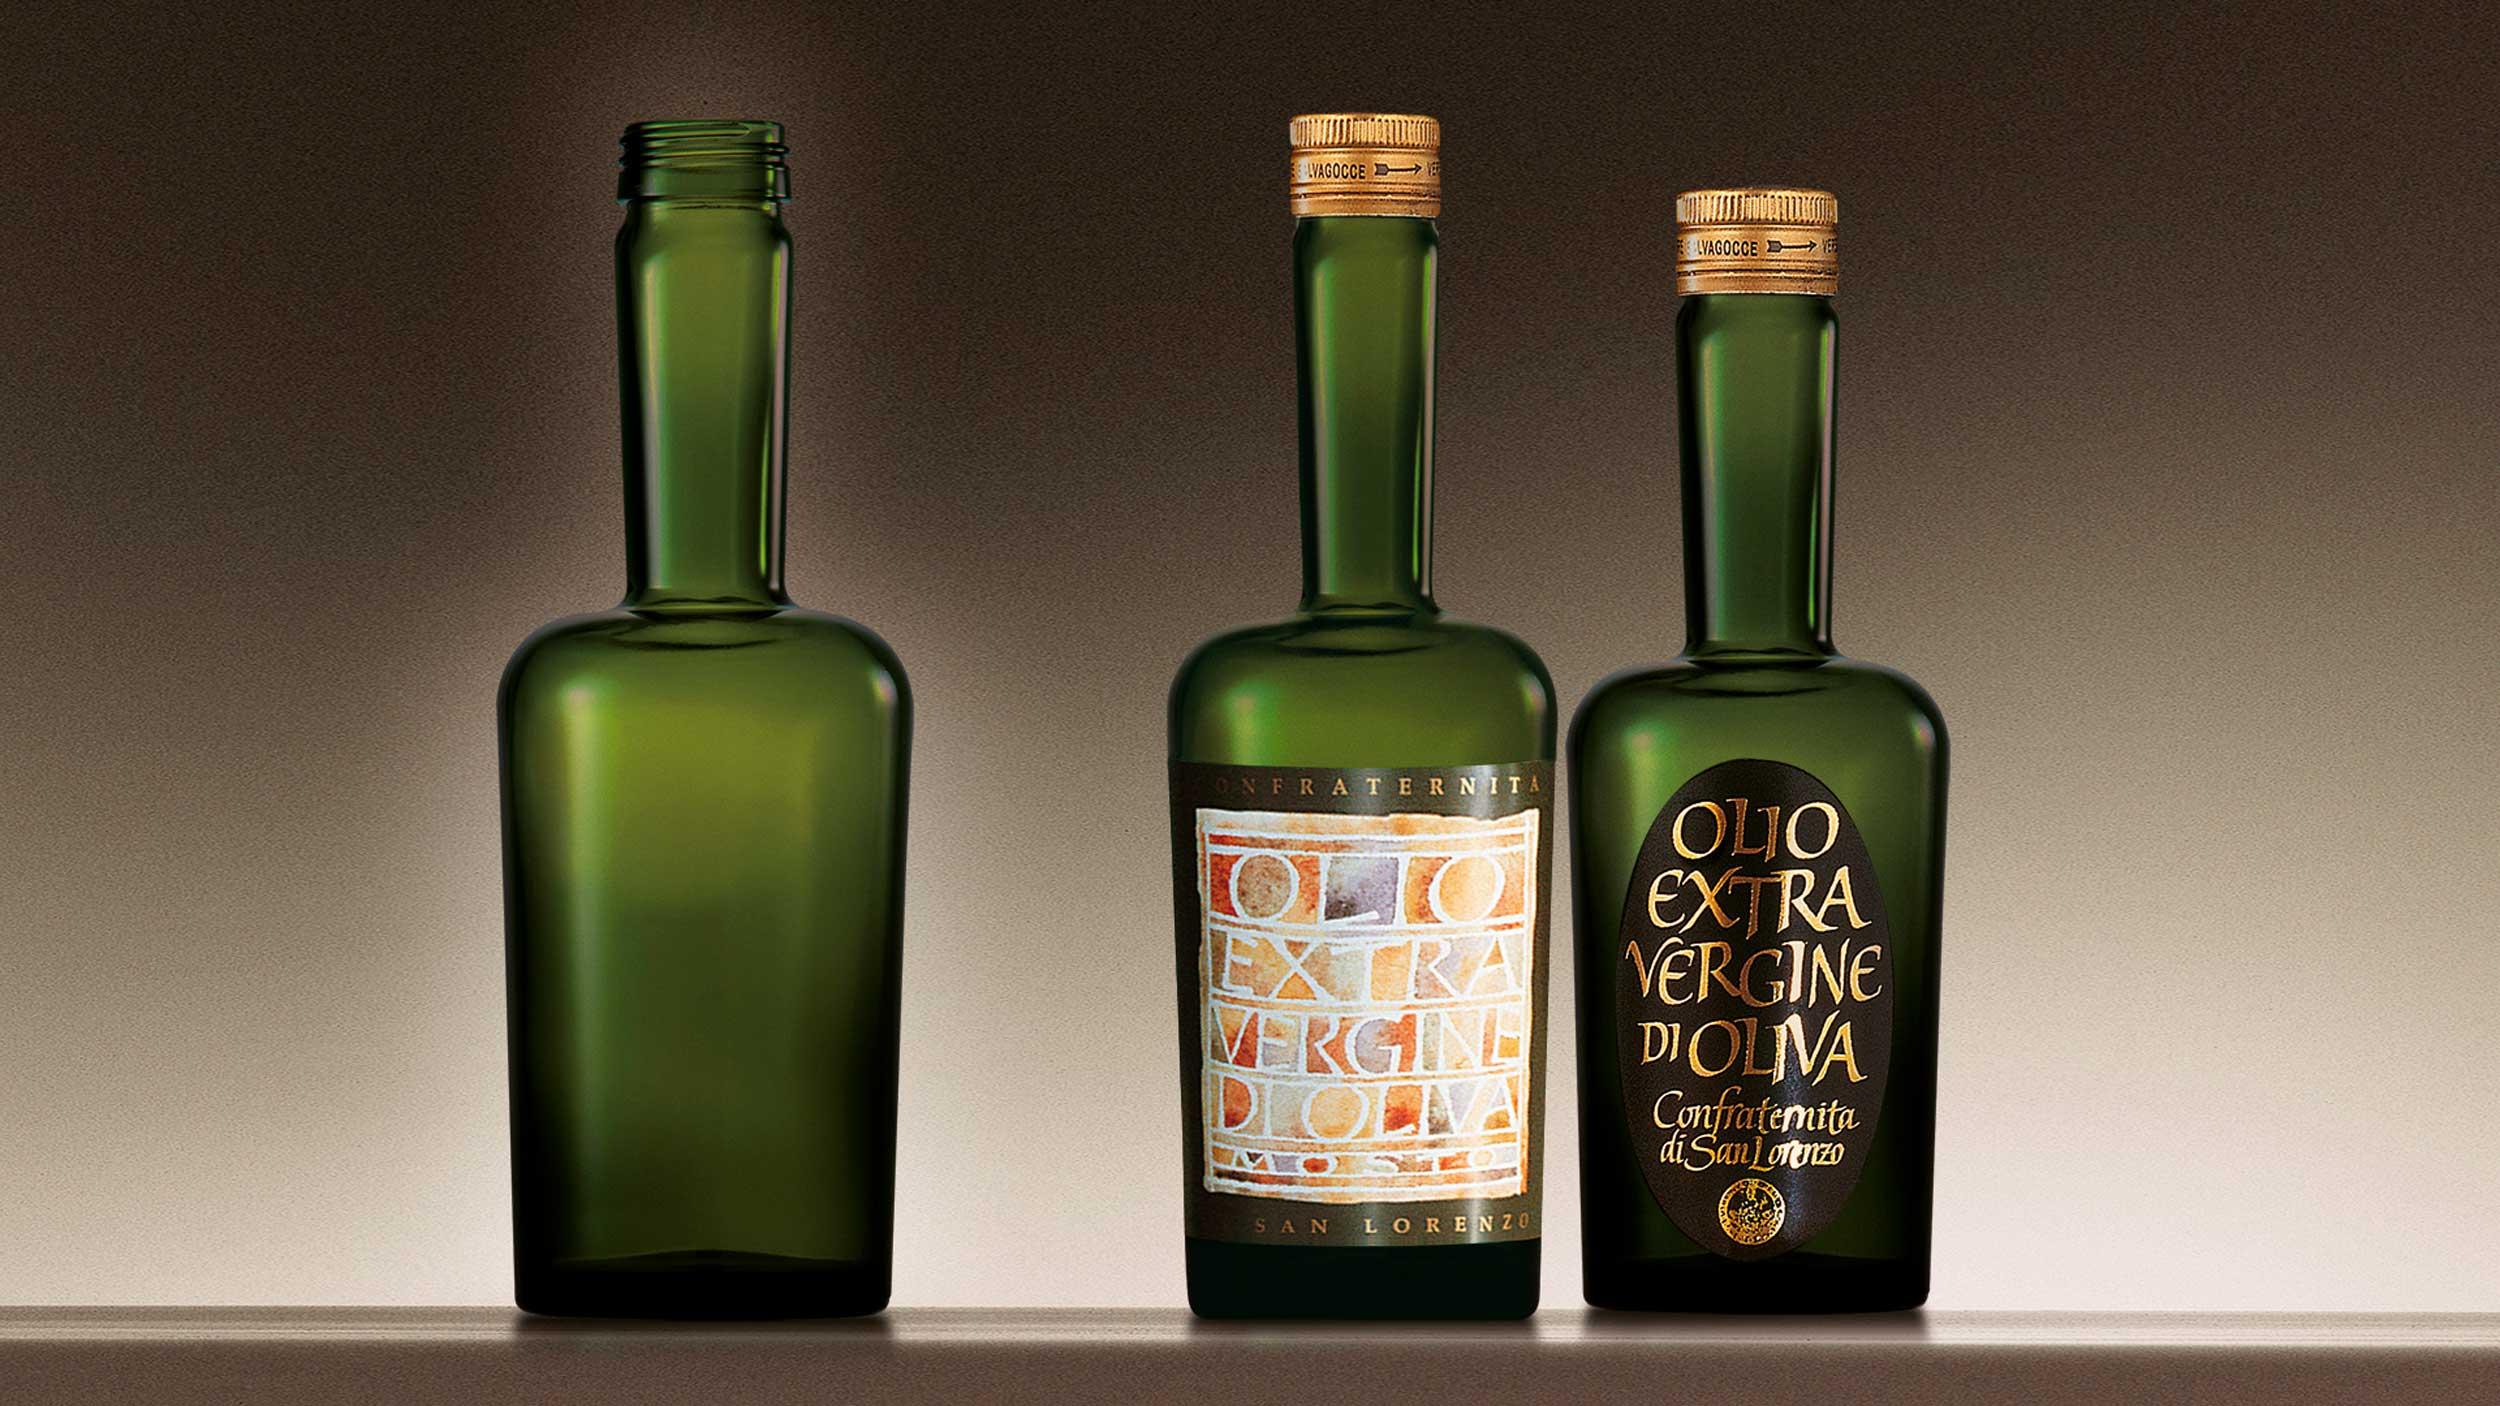 Confraternita di San Lorenzo bottle design